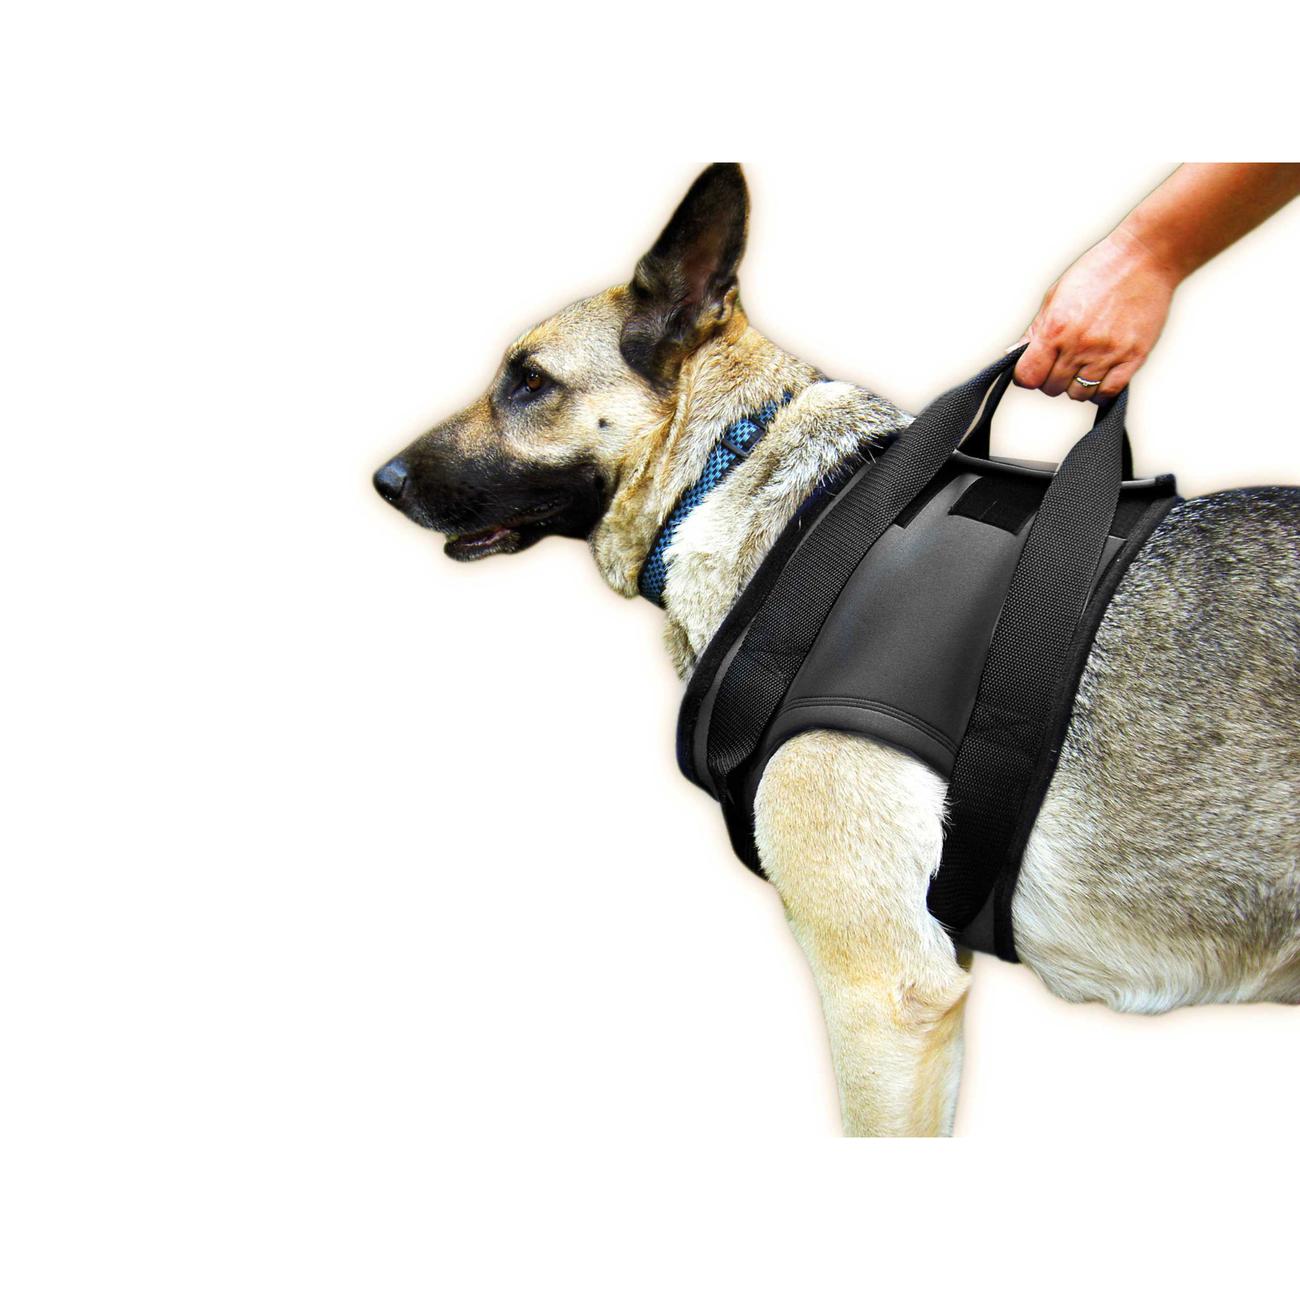 Julius K9 Hunde Gehhilfe für Vorderläufe, XXL: Brust 74-103 cm